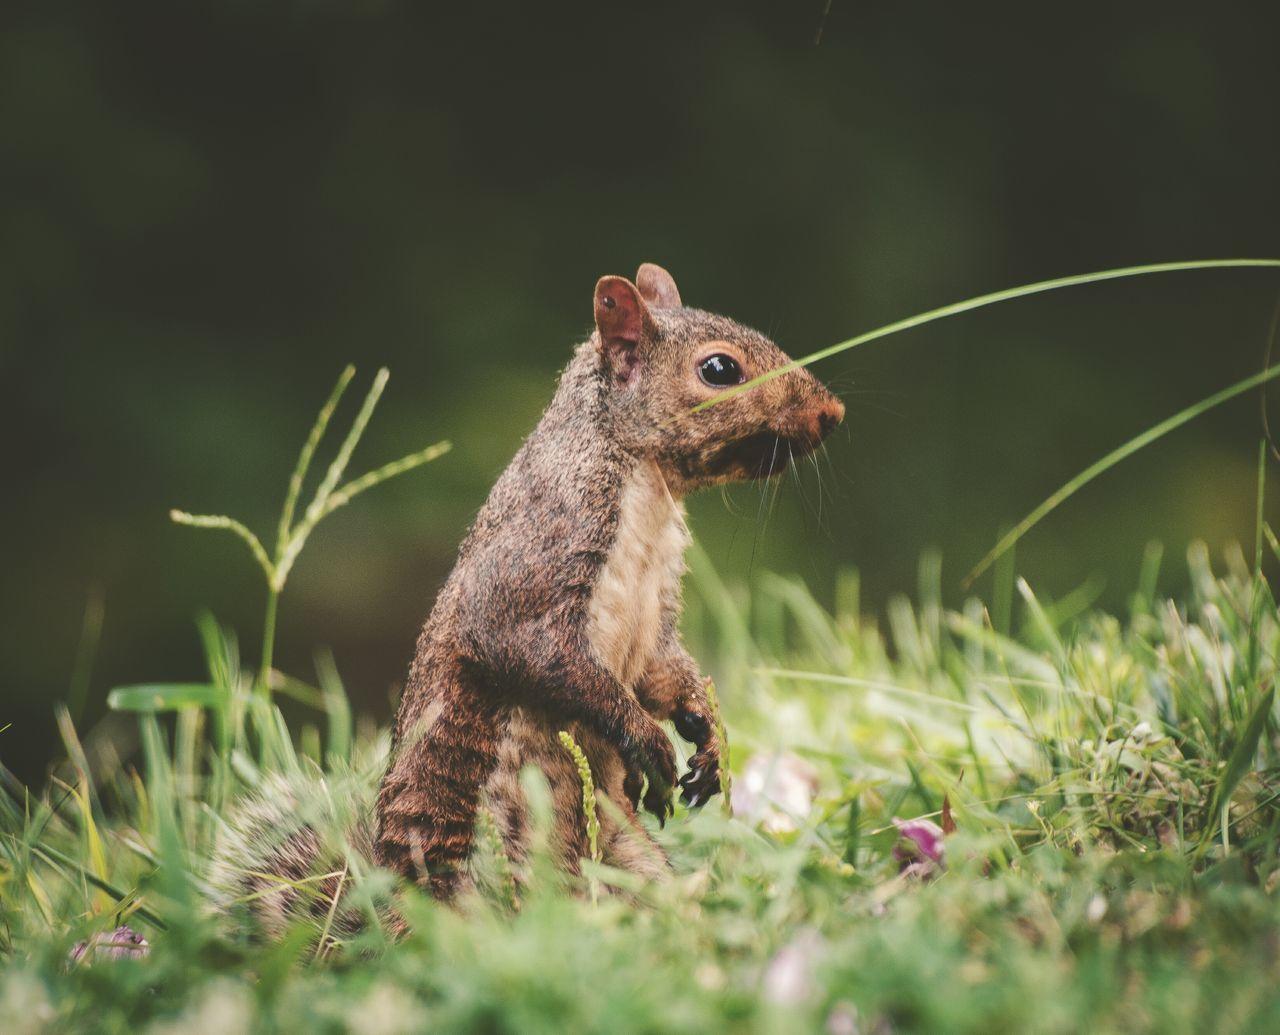 Squirrel. Nature Animals Taking Photos Nikon Photography Nature_collection Nature Photography Naturelovers Bokeh Relaxing Nikon D5100  Warm